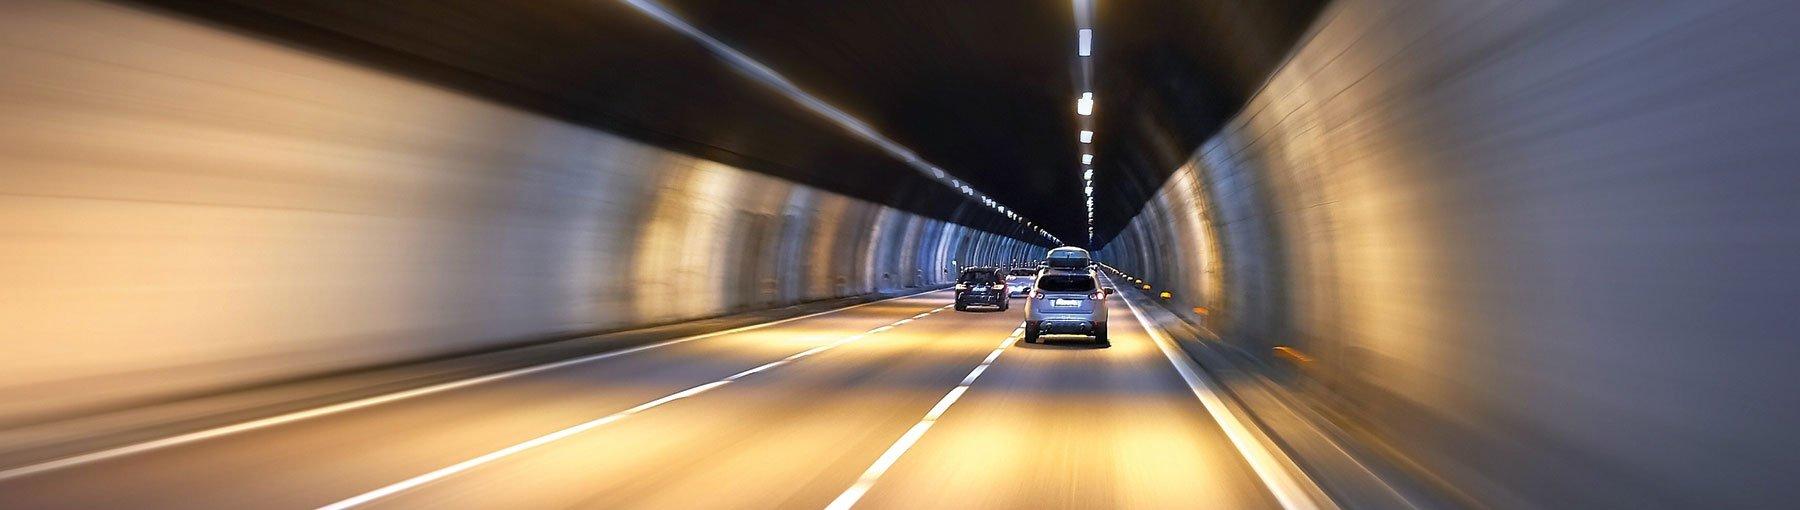 Kto W Polsce Buduje Tunele Inżynieriacom